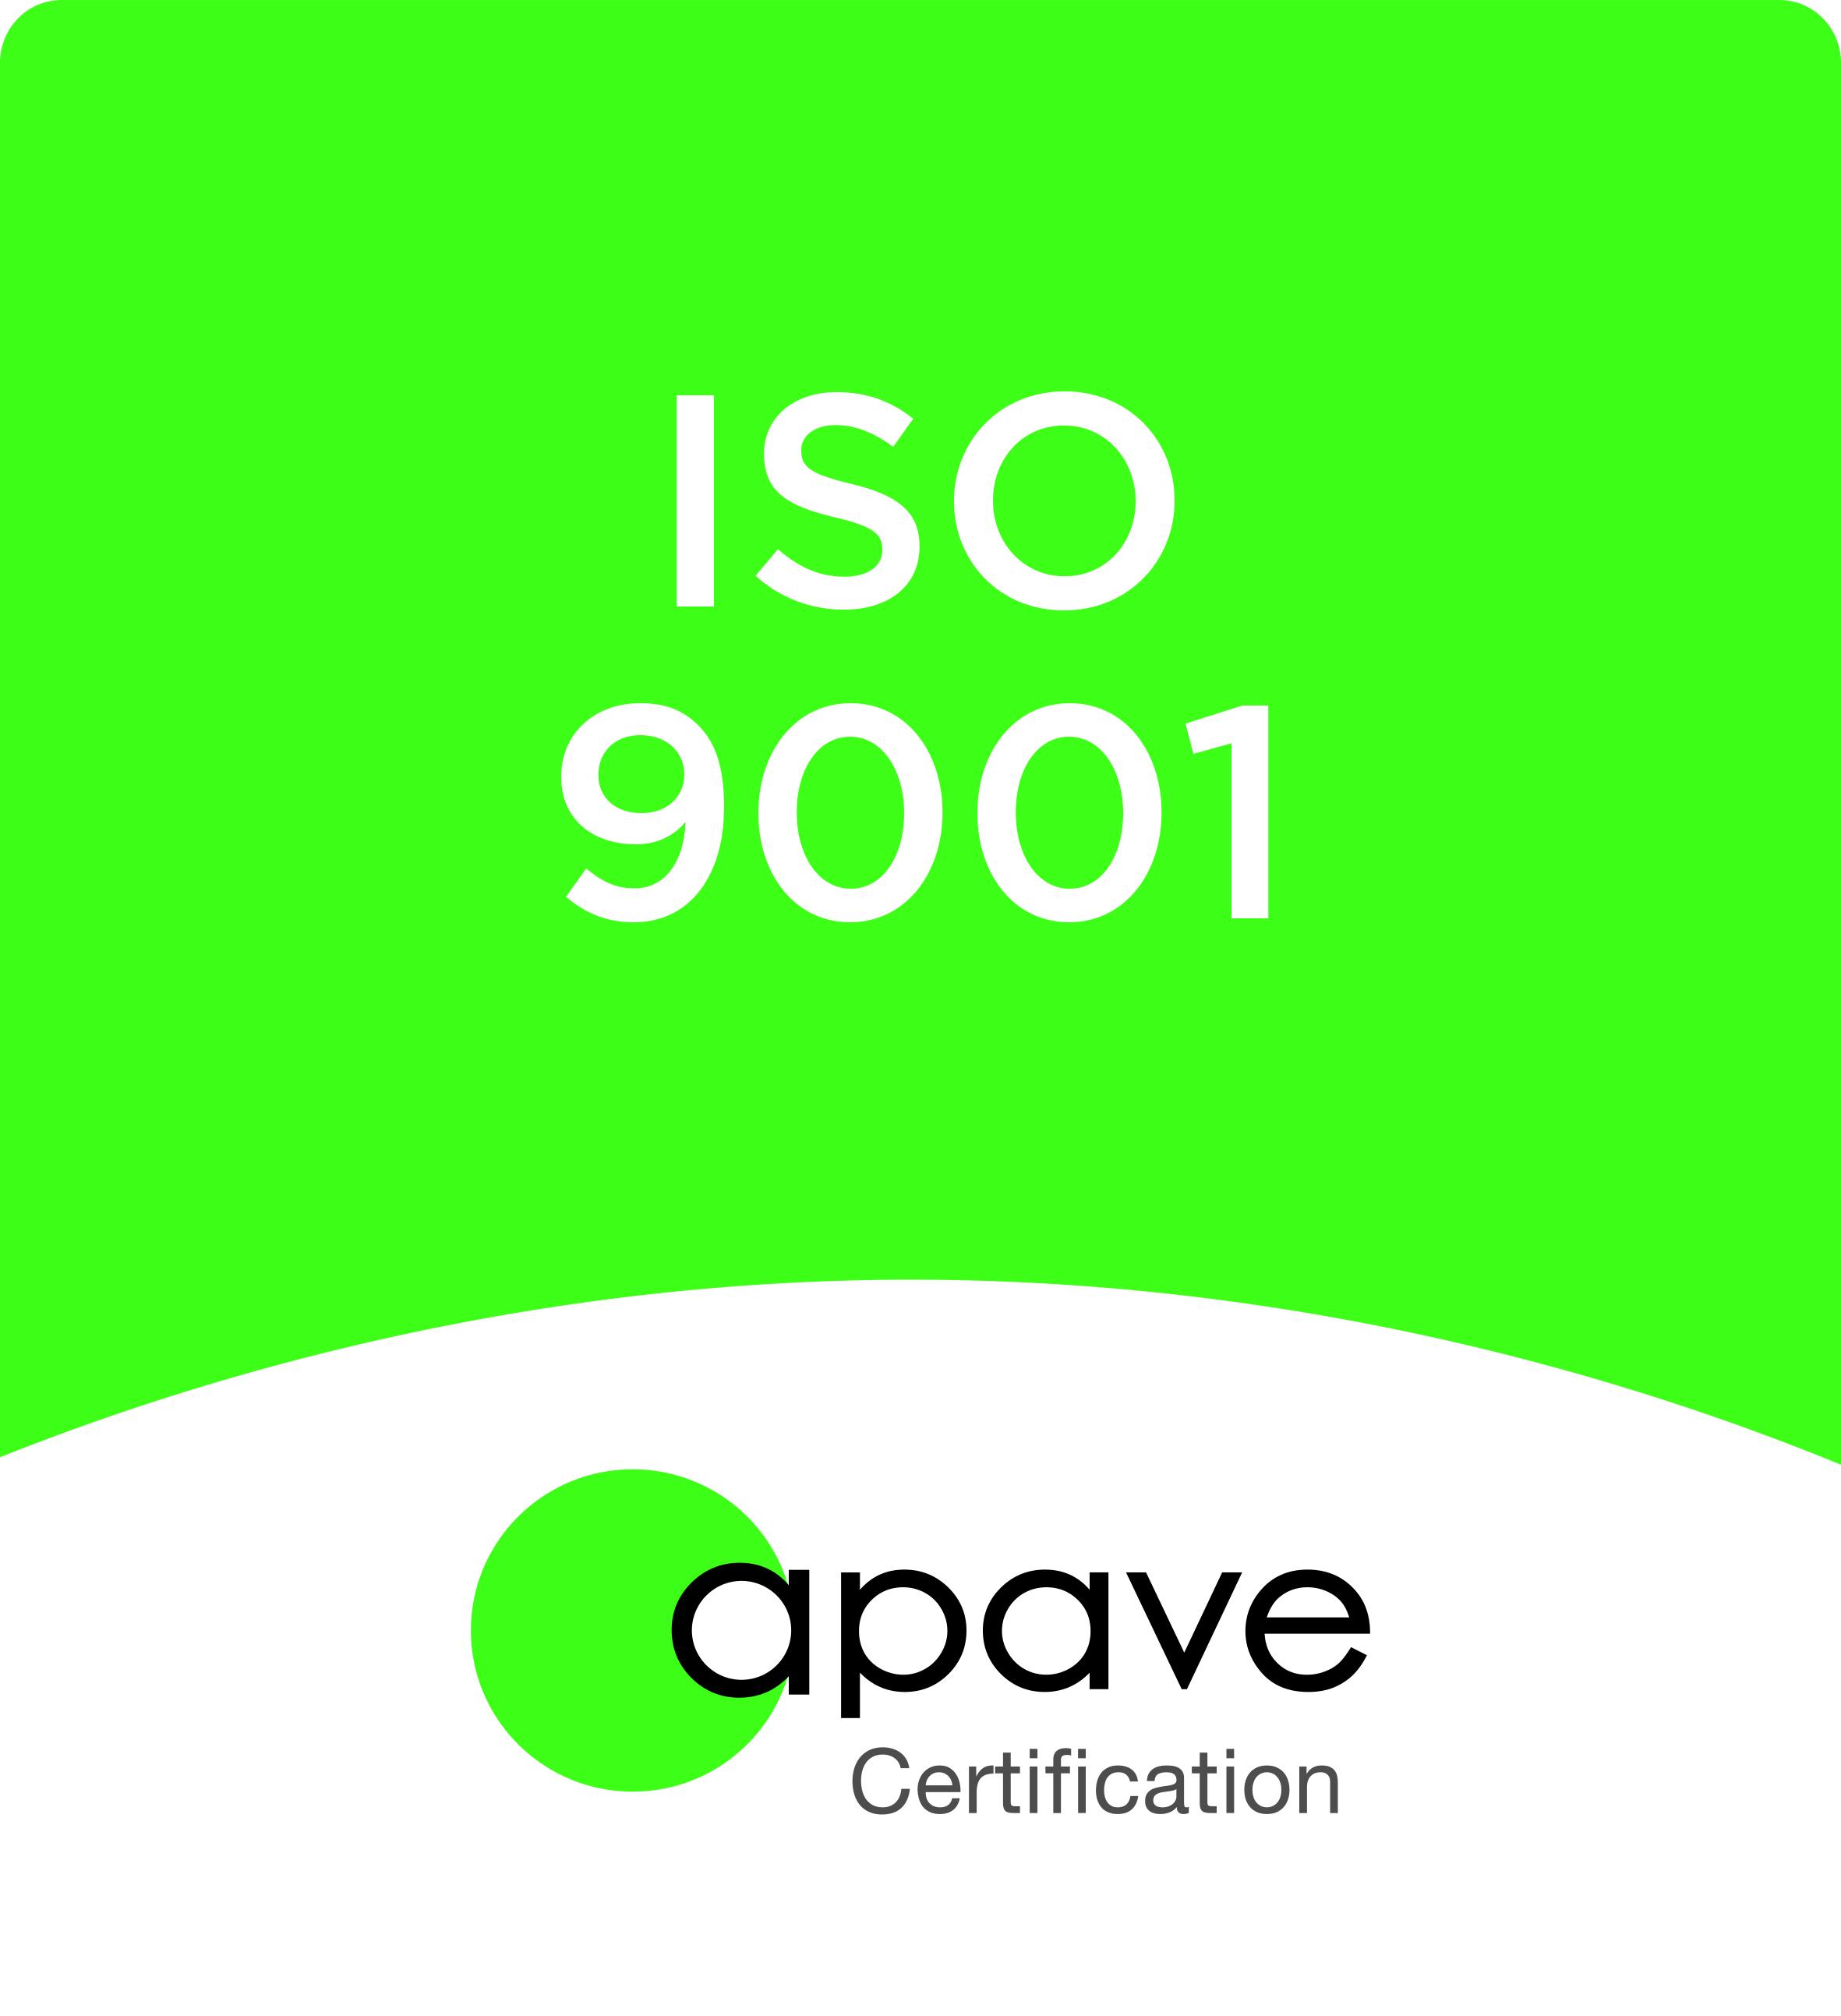 ApaveCert-Q-ISO9001